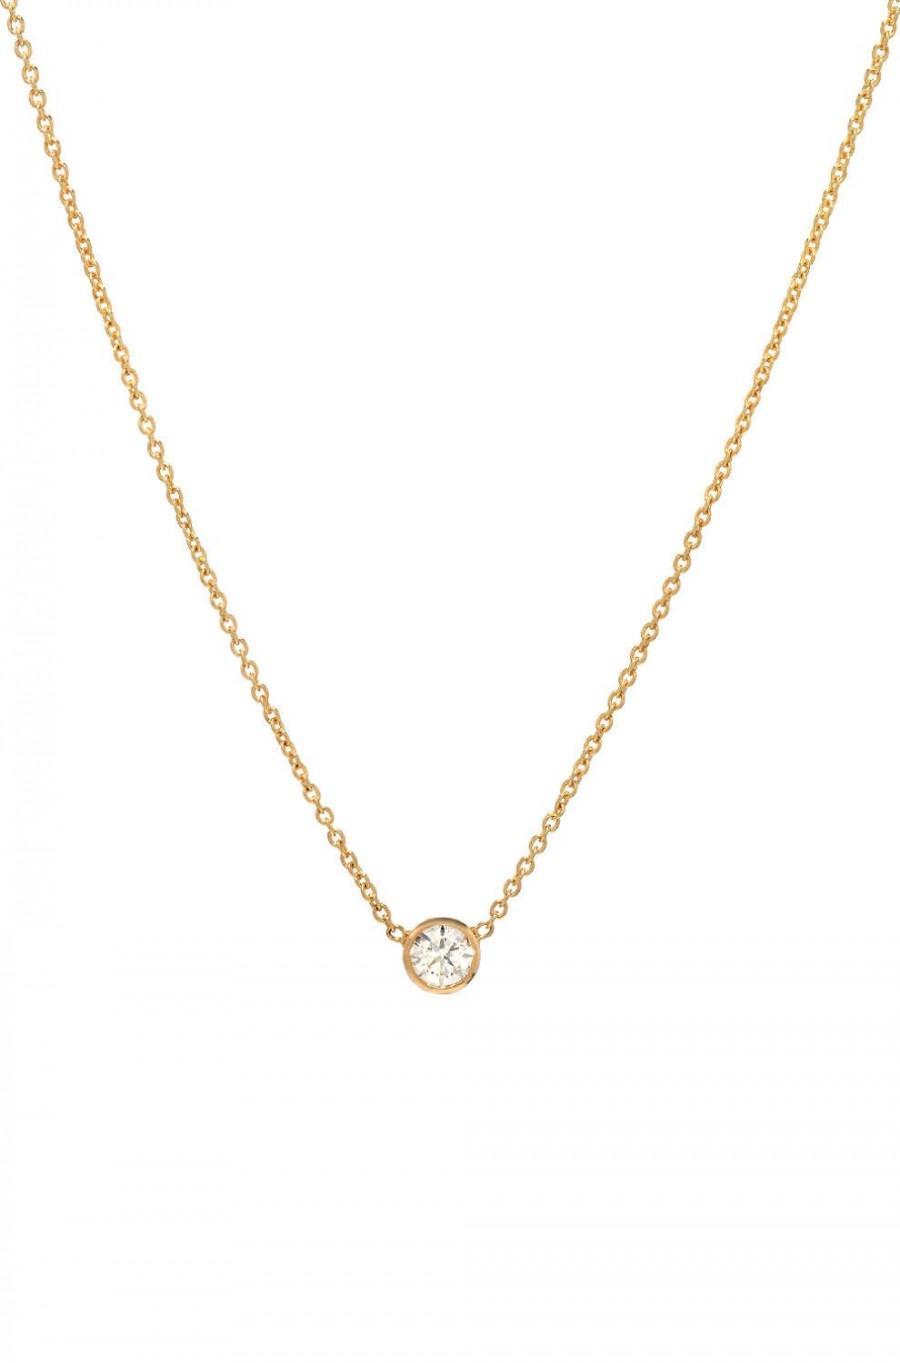 زفاف - Bezel diamond necklace, solitaire necklace, 14k solid gold